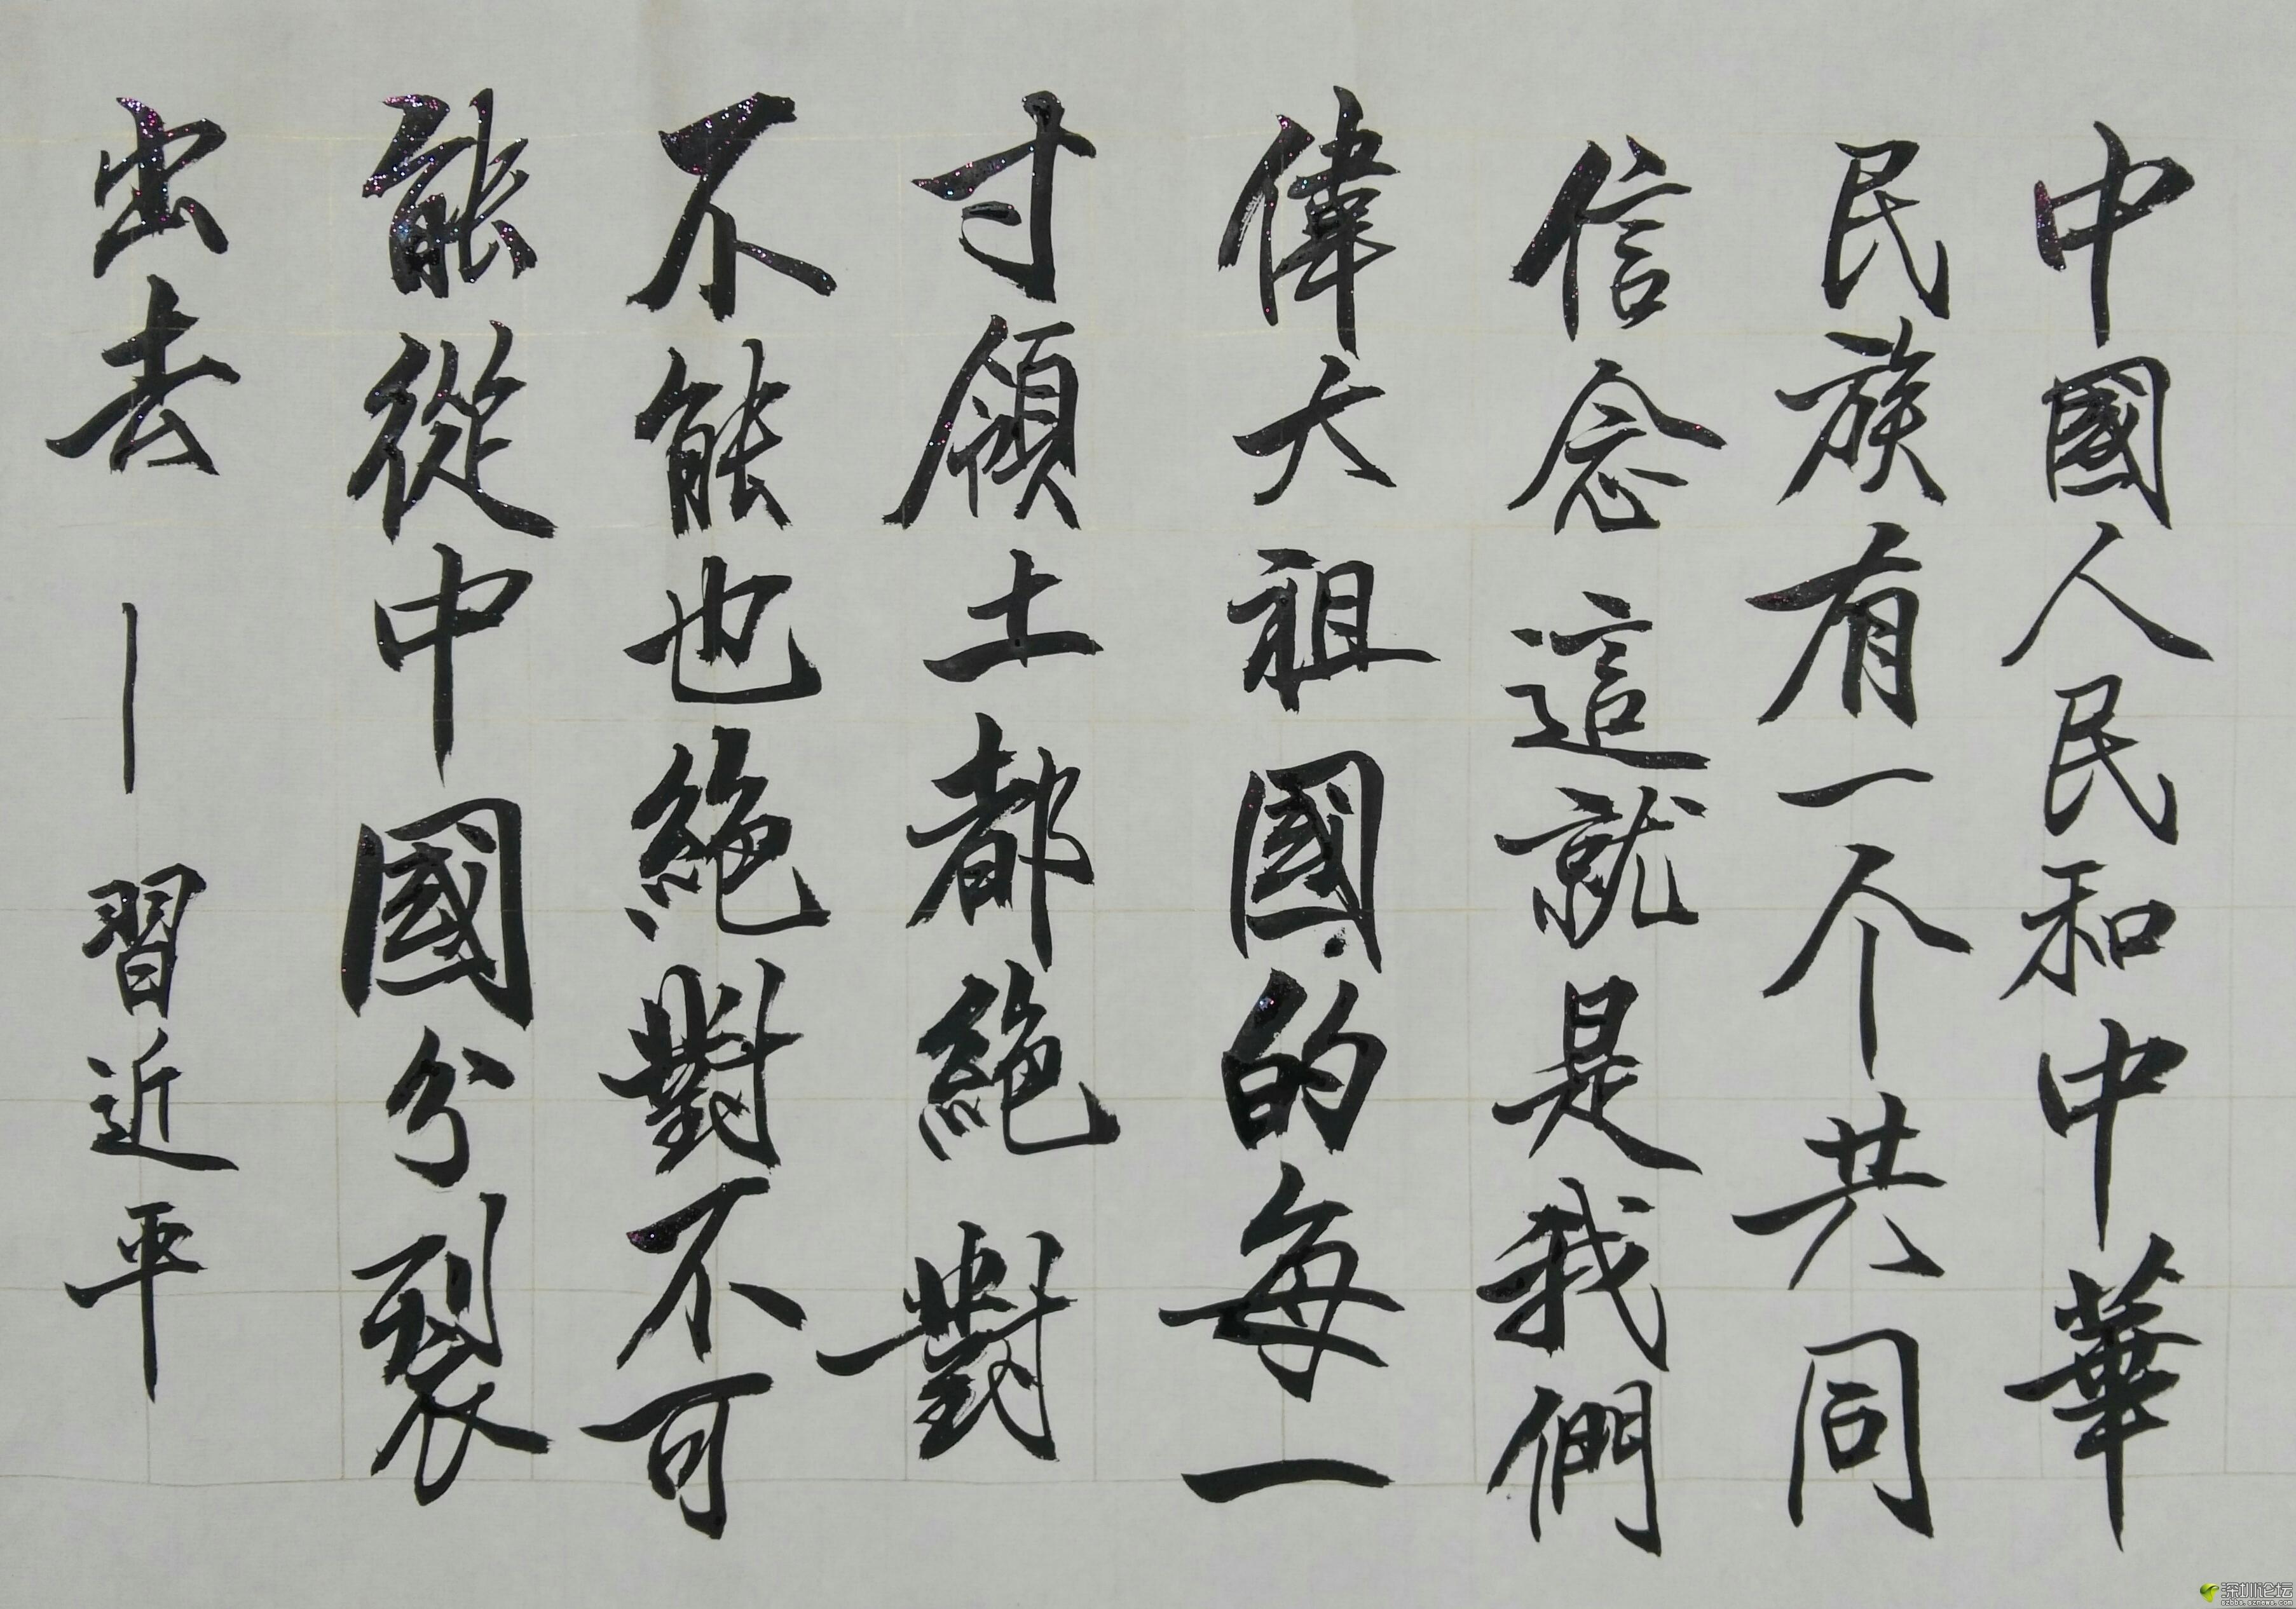 中国人民和中华民族.jpg